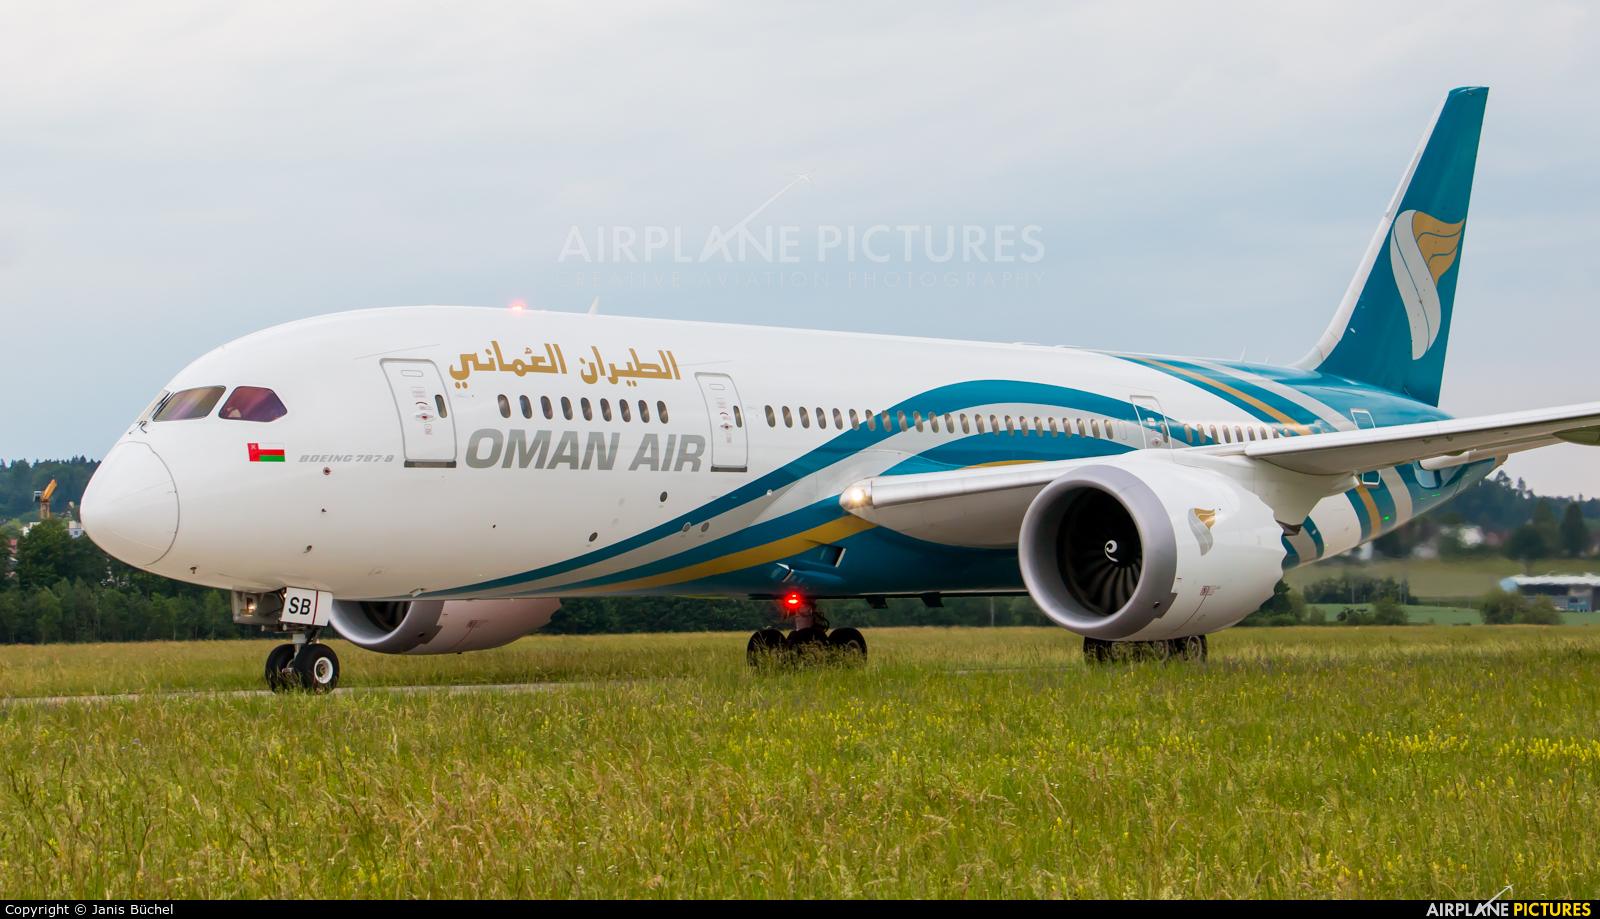 Oman Air A4O-SB aircraft at Zurich